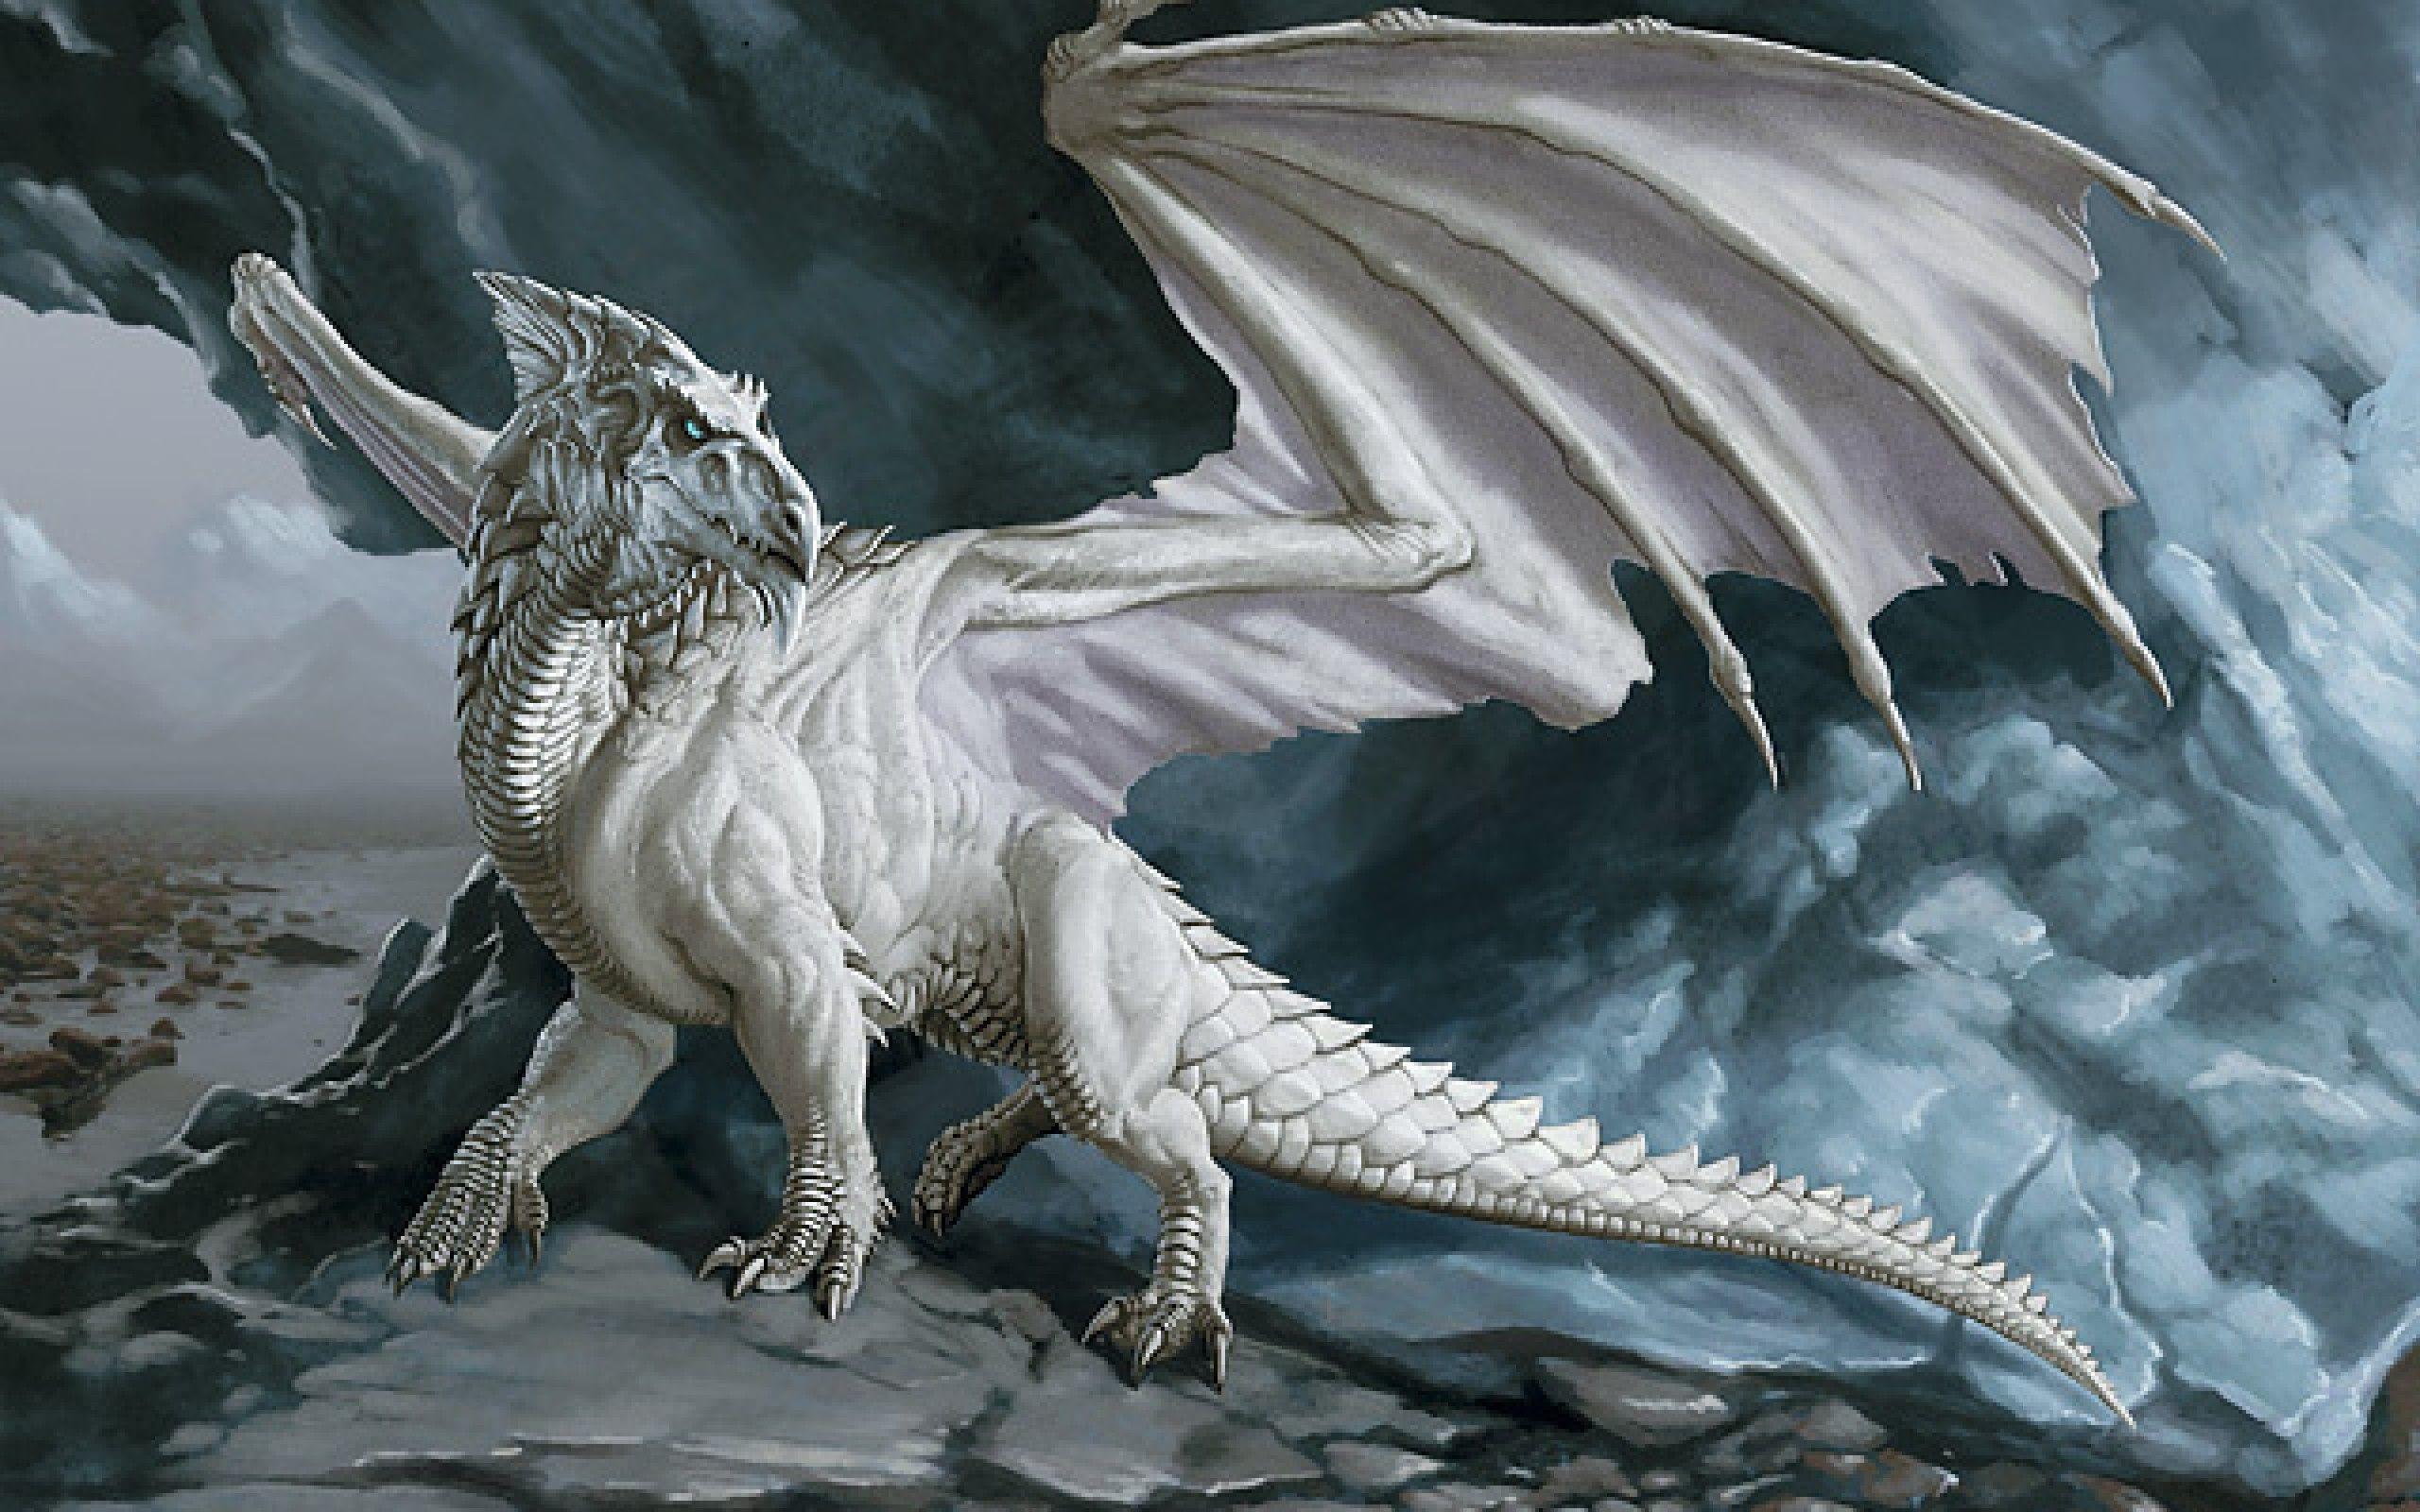 wallpaper.wiki-Blue-Eyes-White-Dragon-Desktop-Backgrounds-